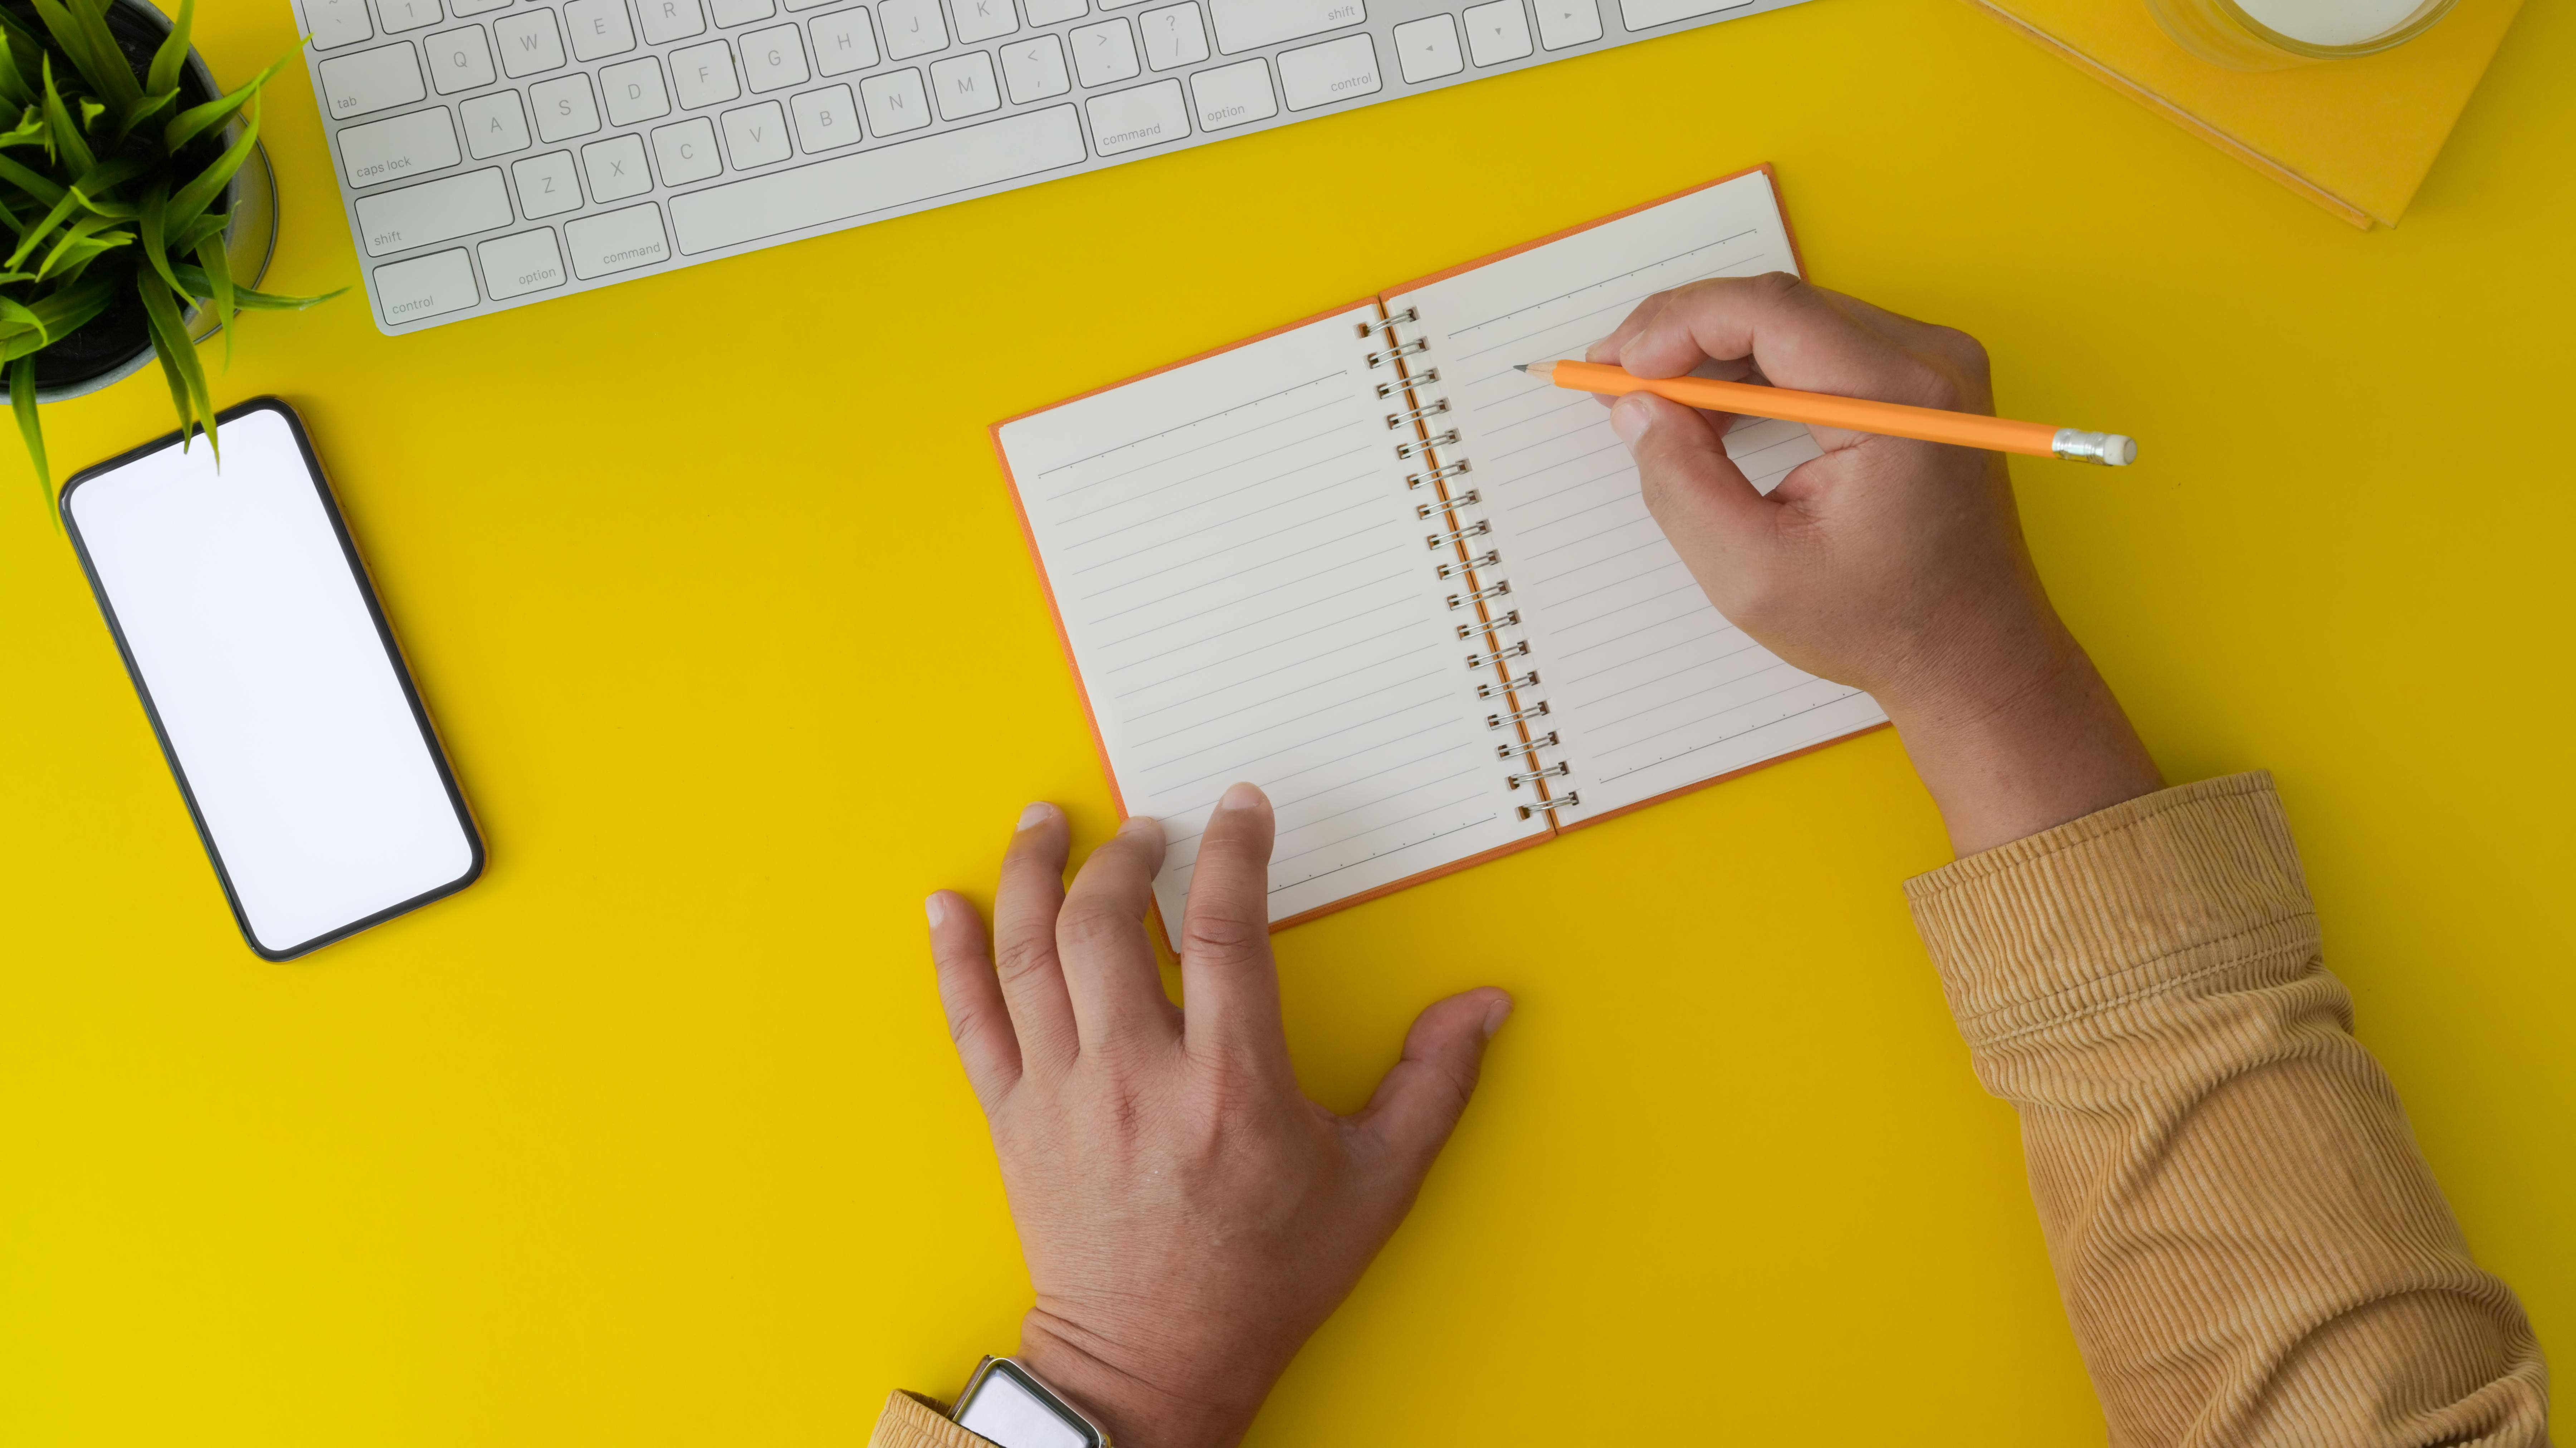 Empezando a escribir con pequeños trucos